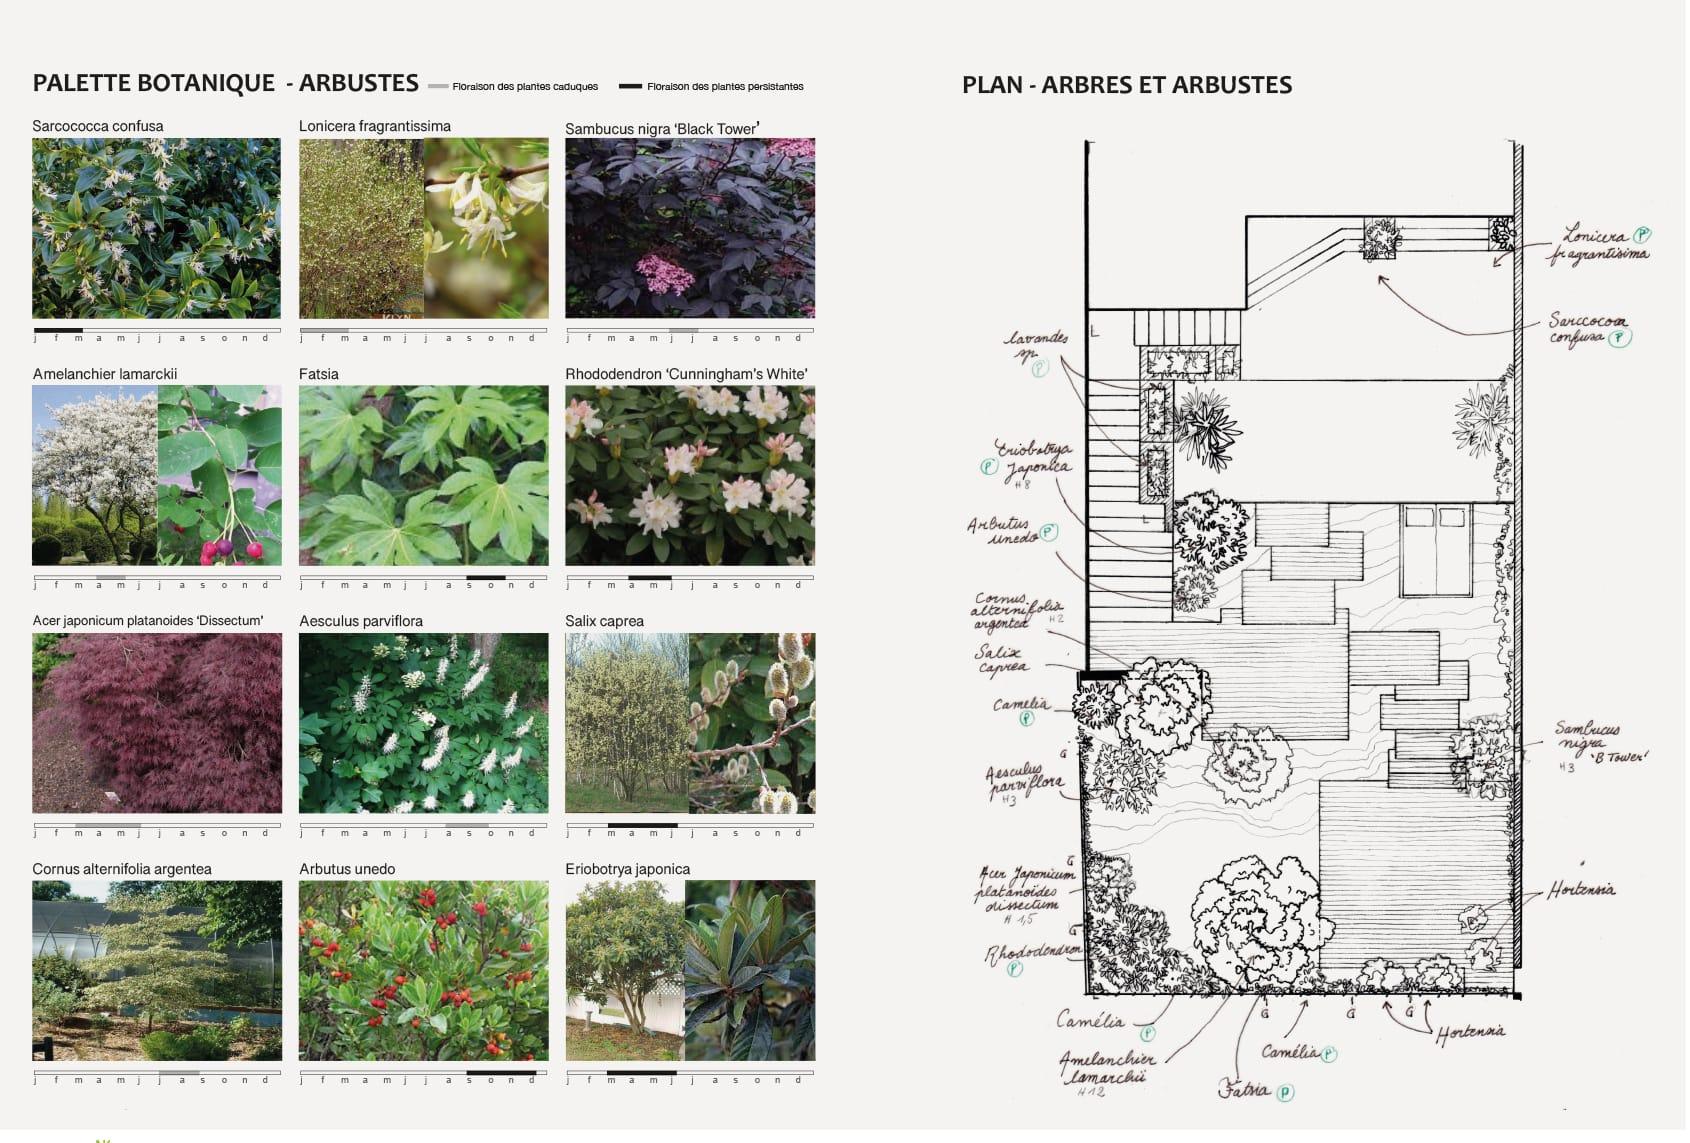 03_Nordscape_esquisse-palette-botanique-plan-plantation-jardin